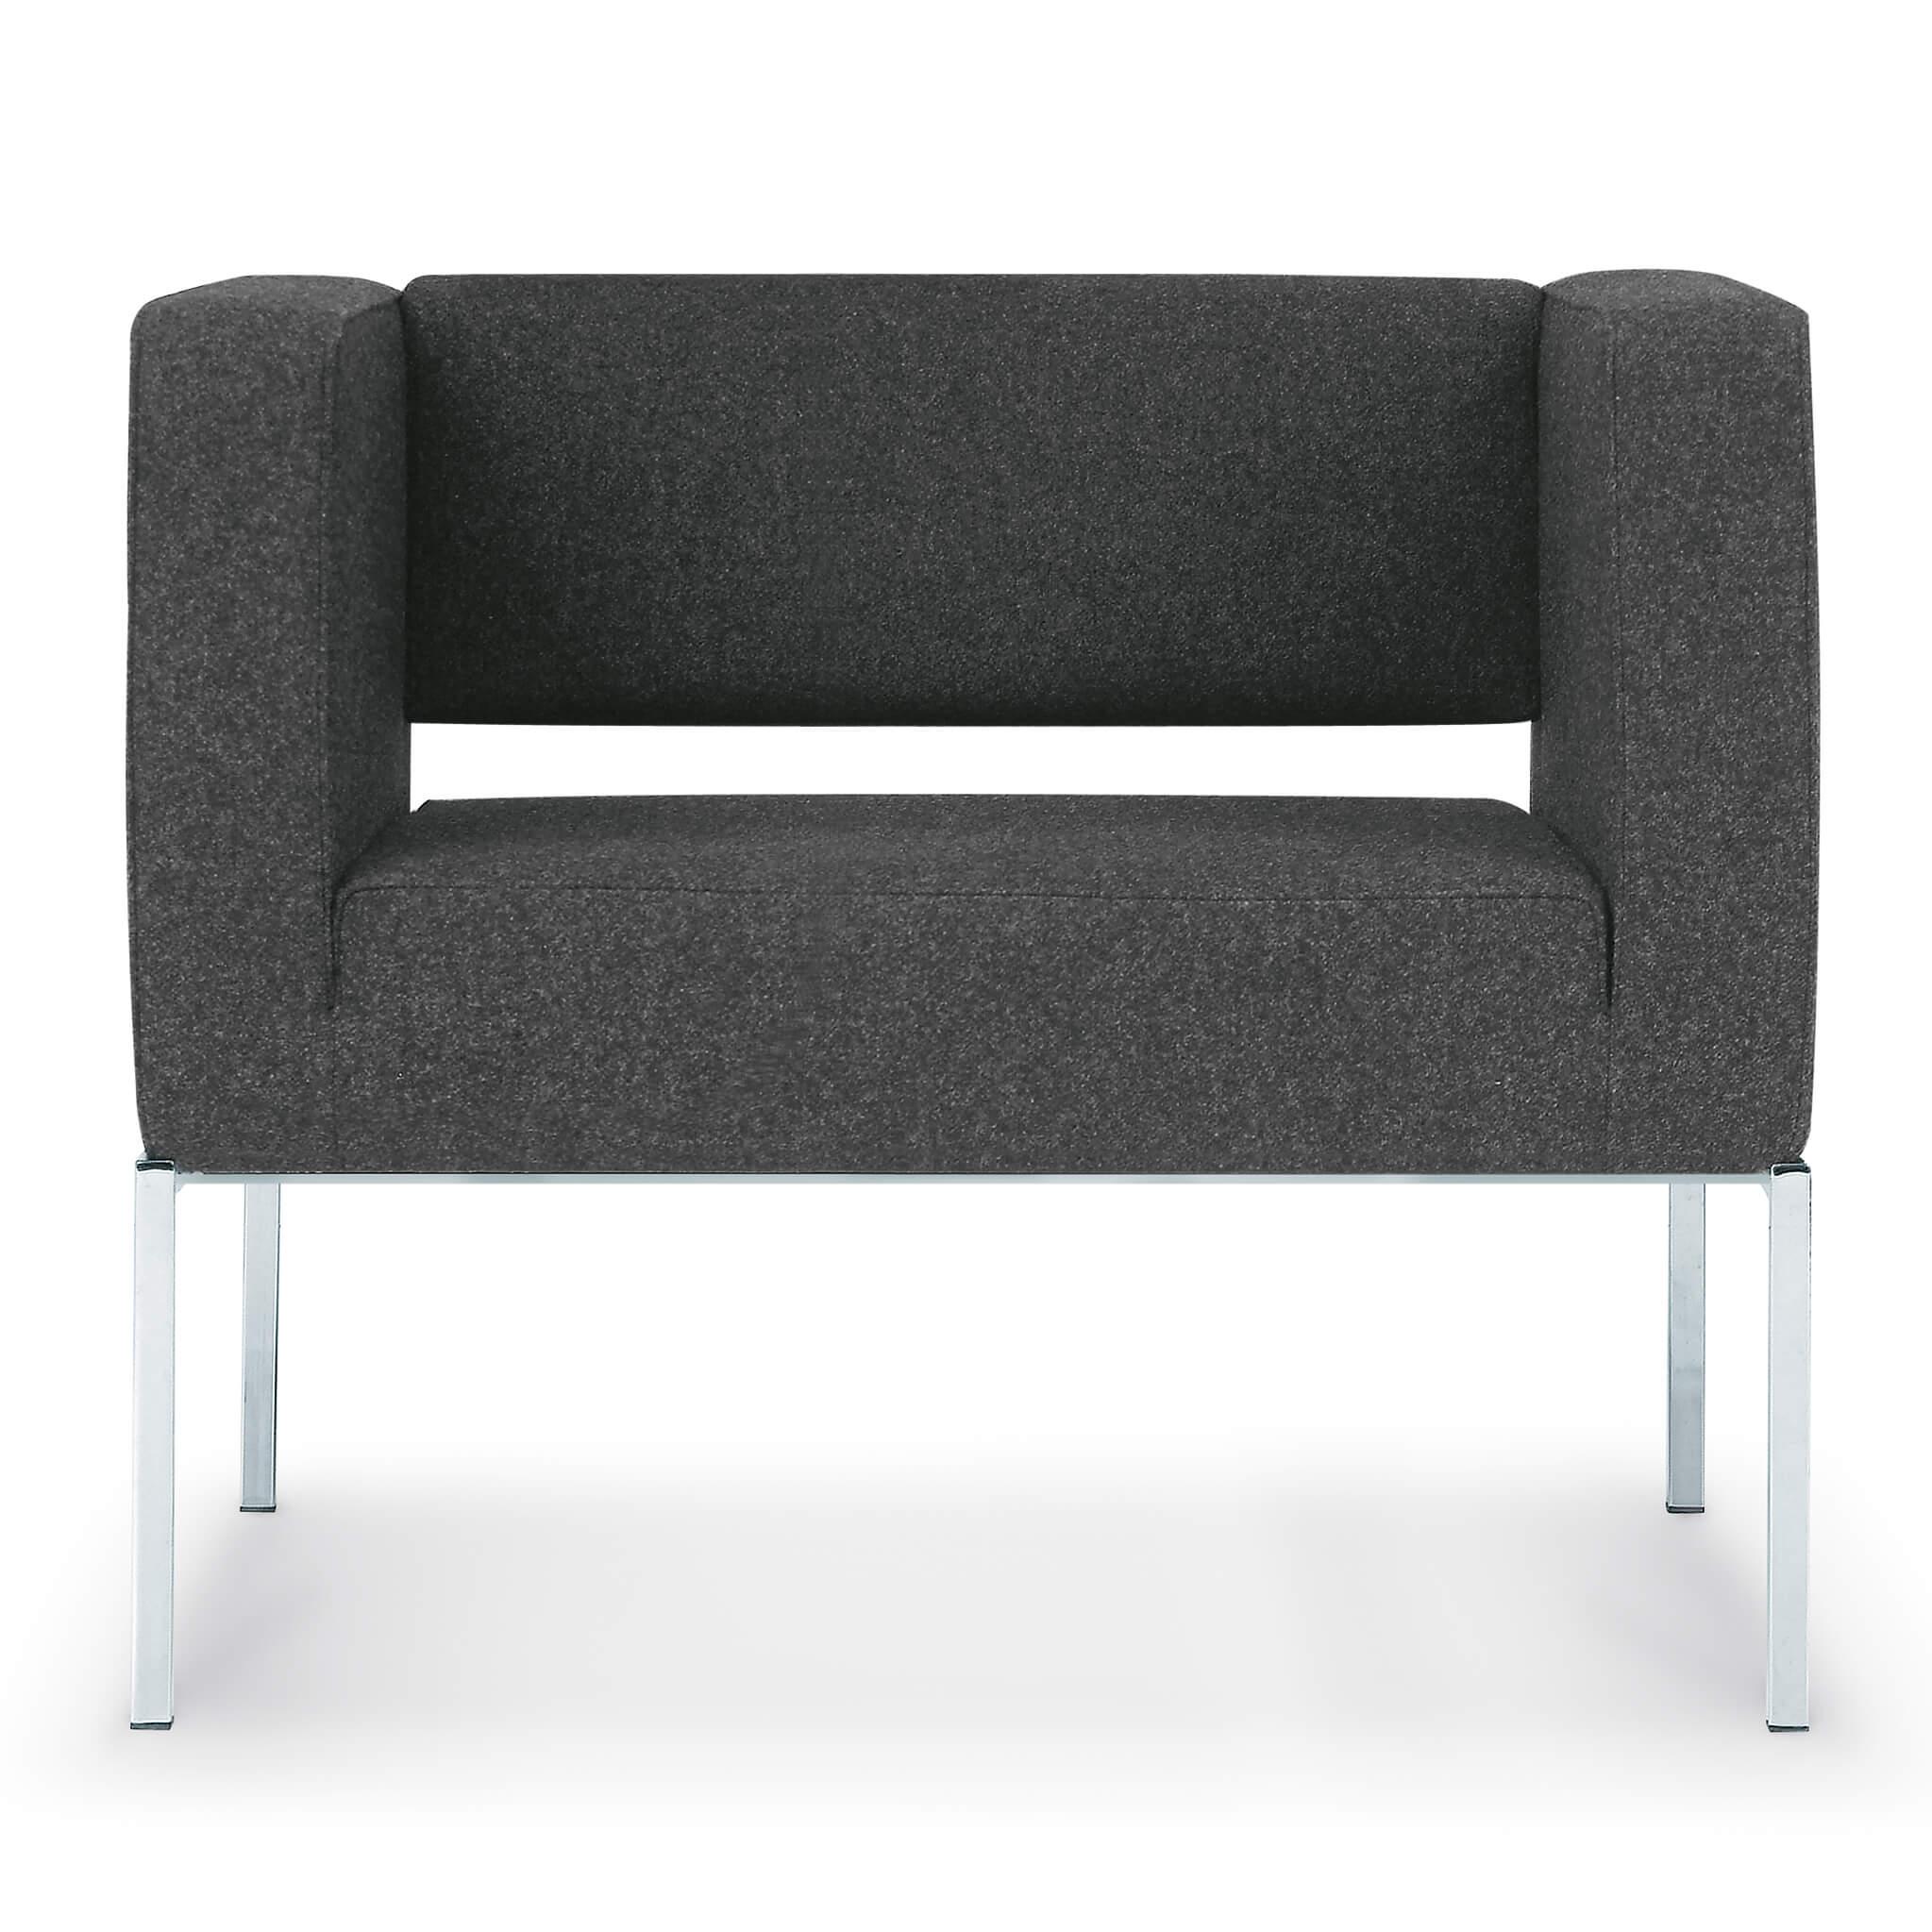 ZÜCO Rilasso RS 0811 Loungesessel für Wartebereiche, Mittelzonen und Chefbüros